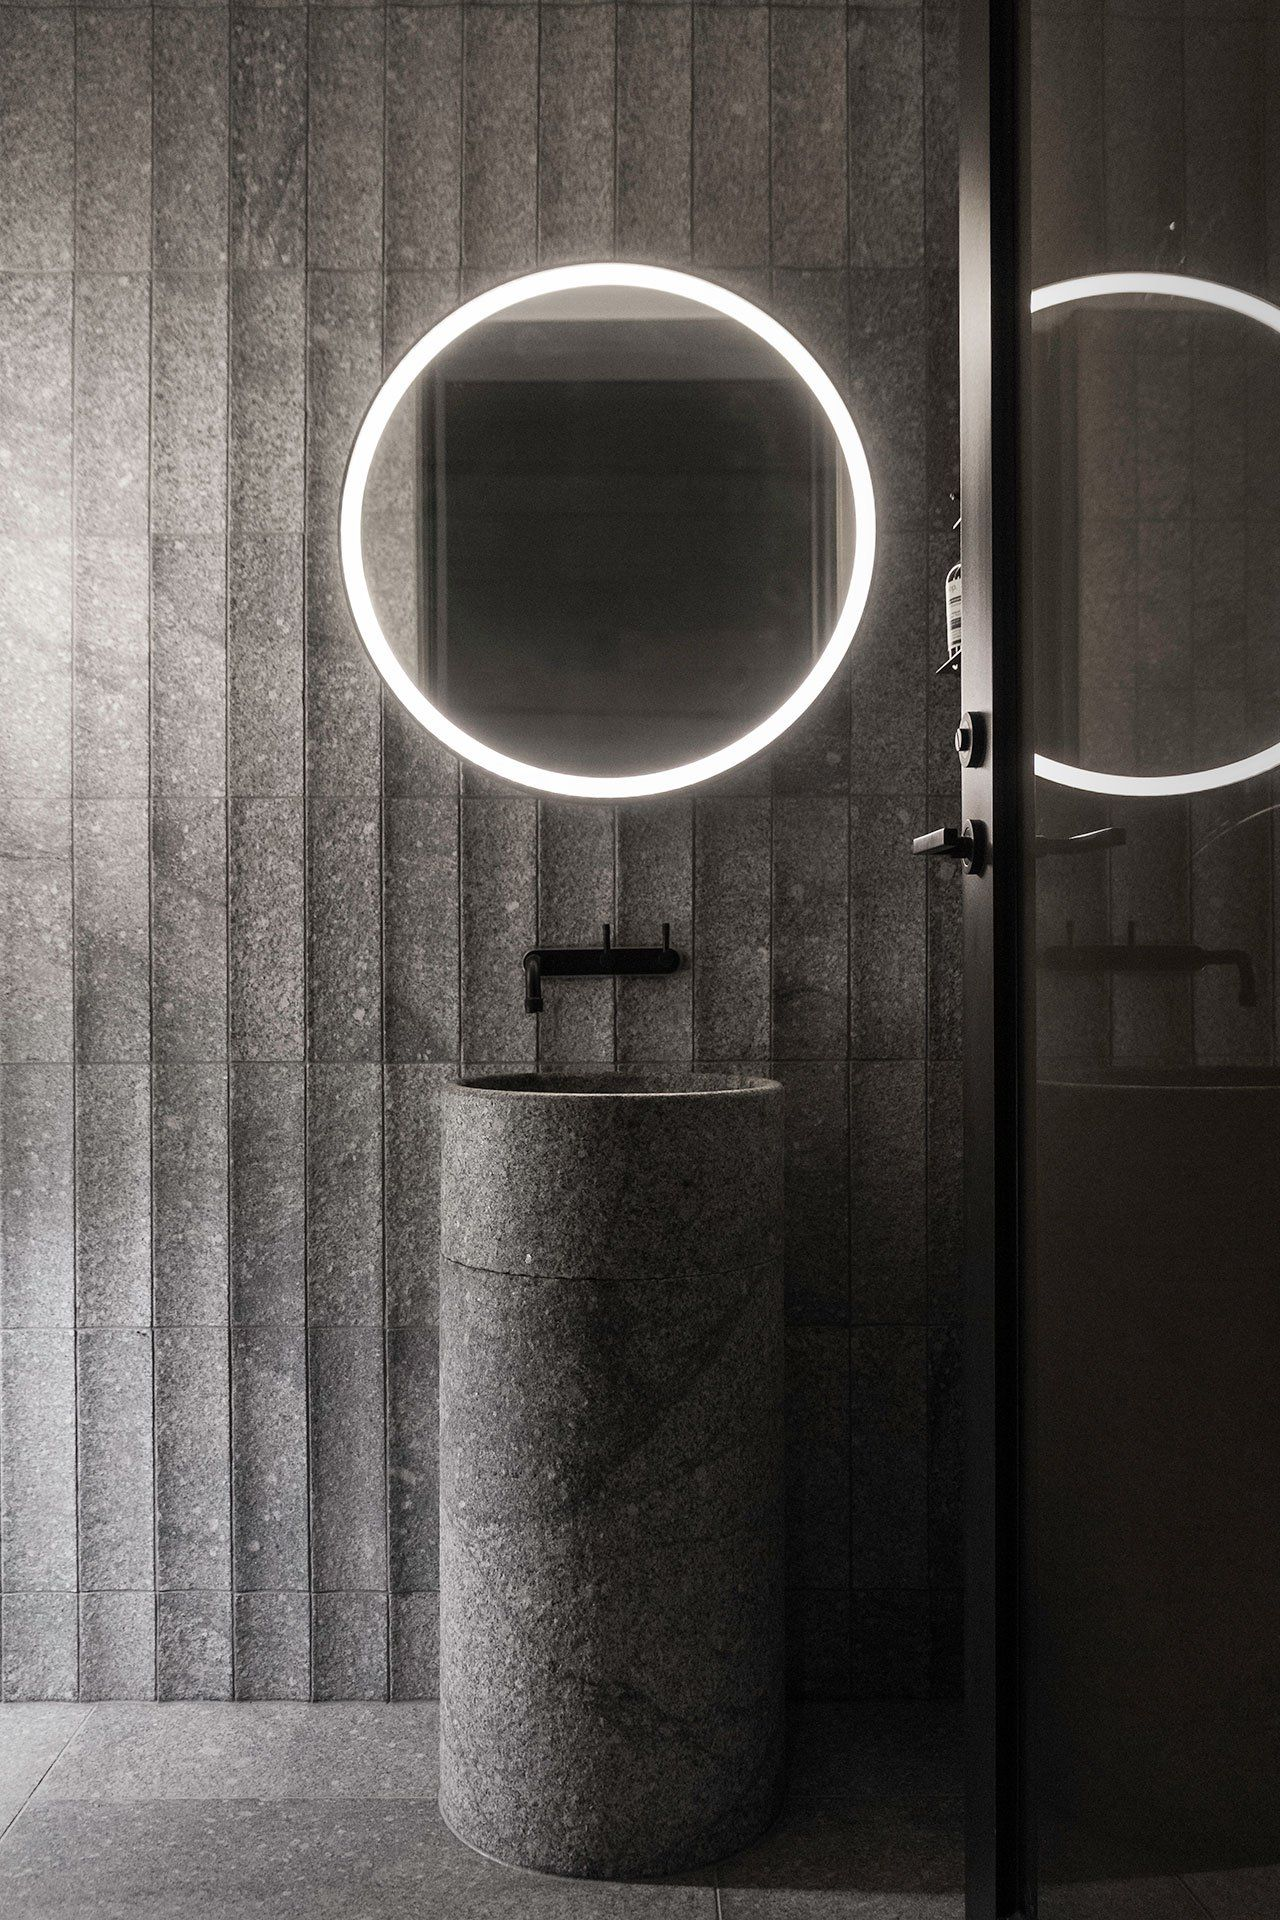 Carrelage Salle De Bain Giovanni ~  pingl par giovanni locci sur b_bathroom pinterest salle de